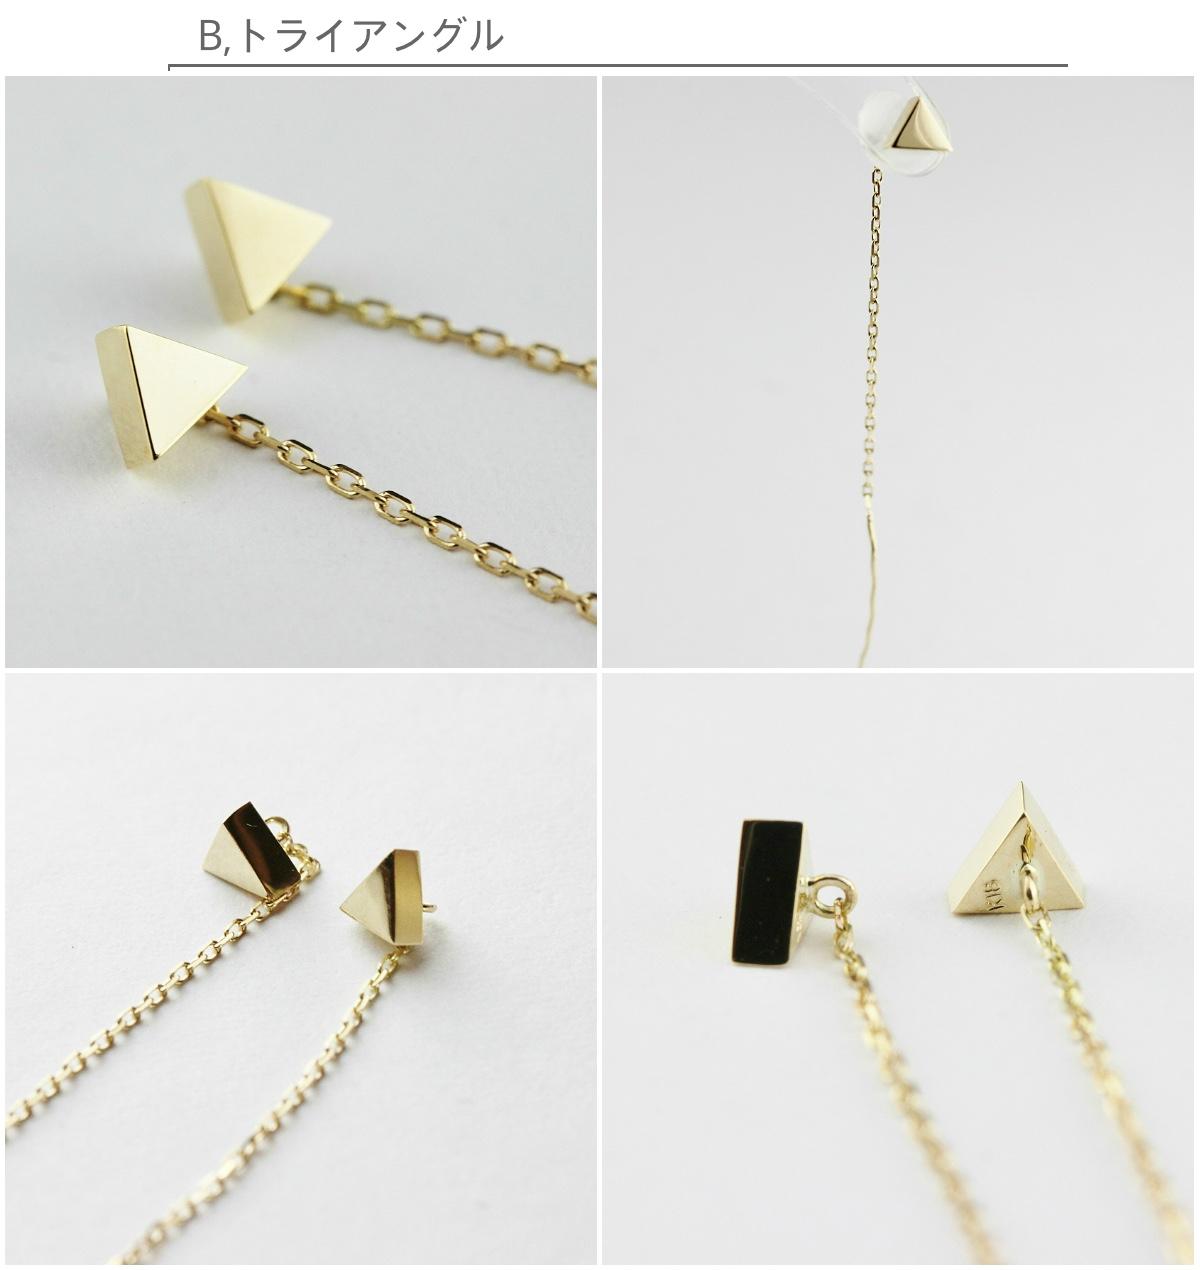 ピナコテーカ 720 トライアングル マグネット スタッド アメリカン ピアス 18金,pinacoteca Triangle Magnet Stud American Earrings K18